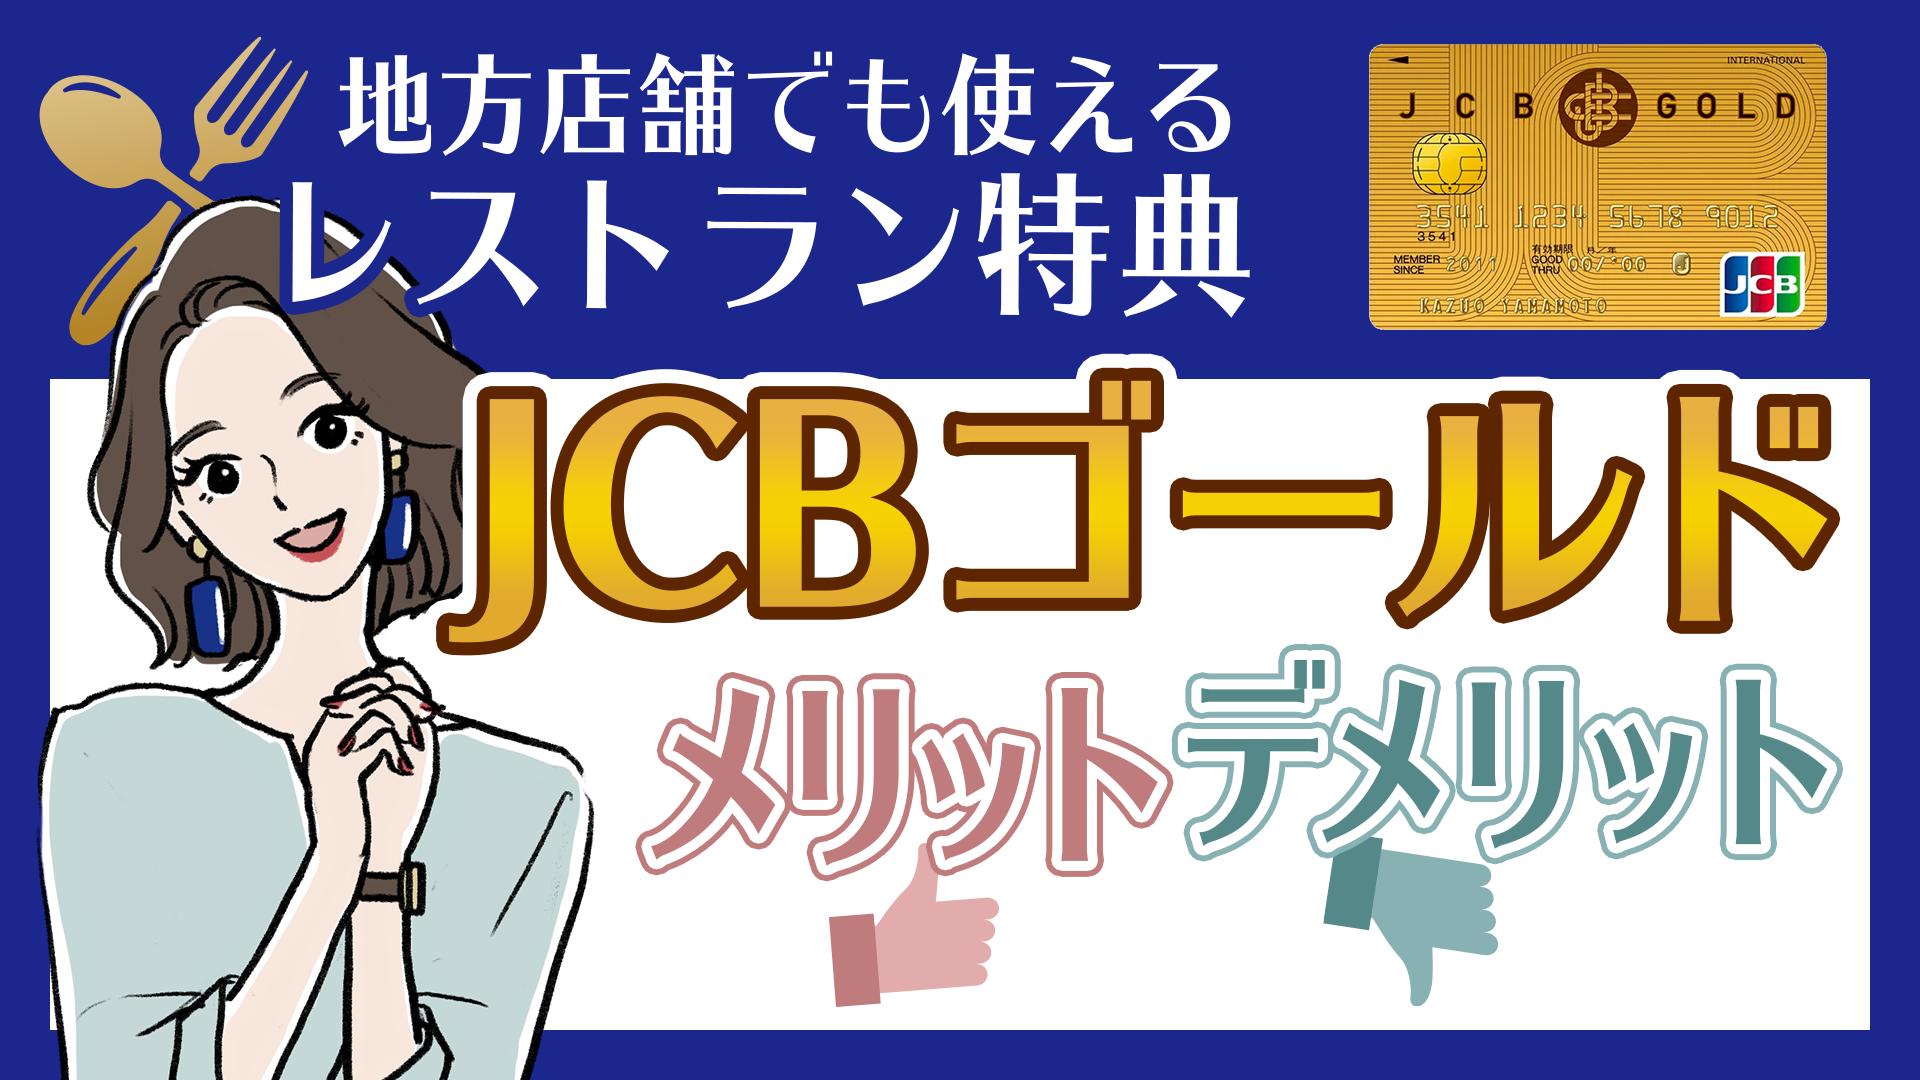 JCBゴールドカード メリット